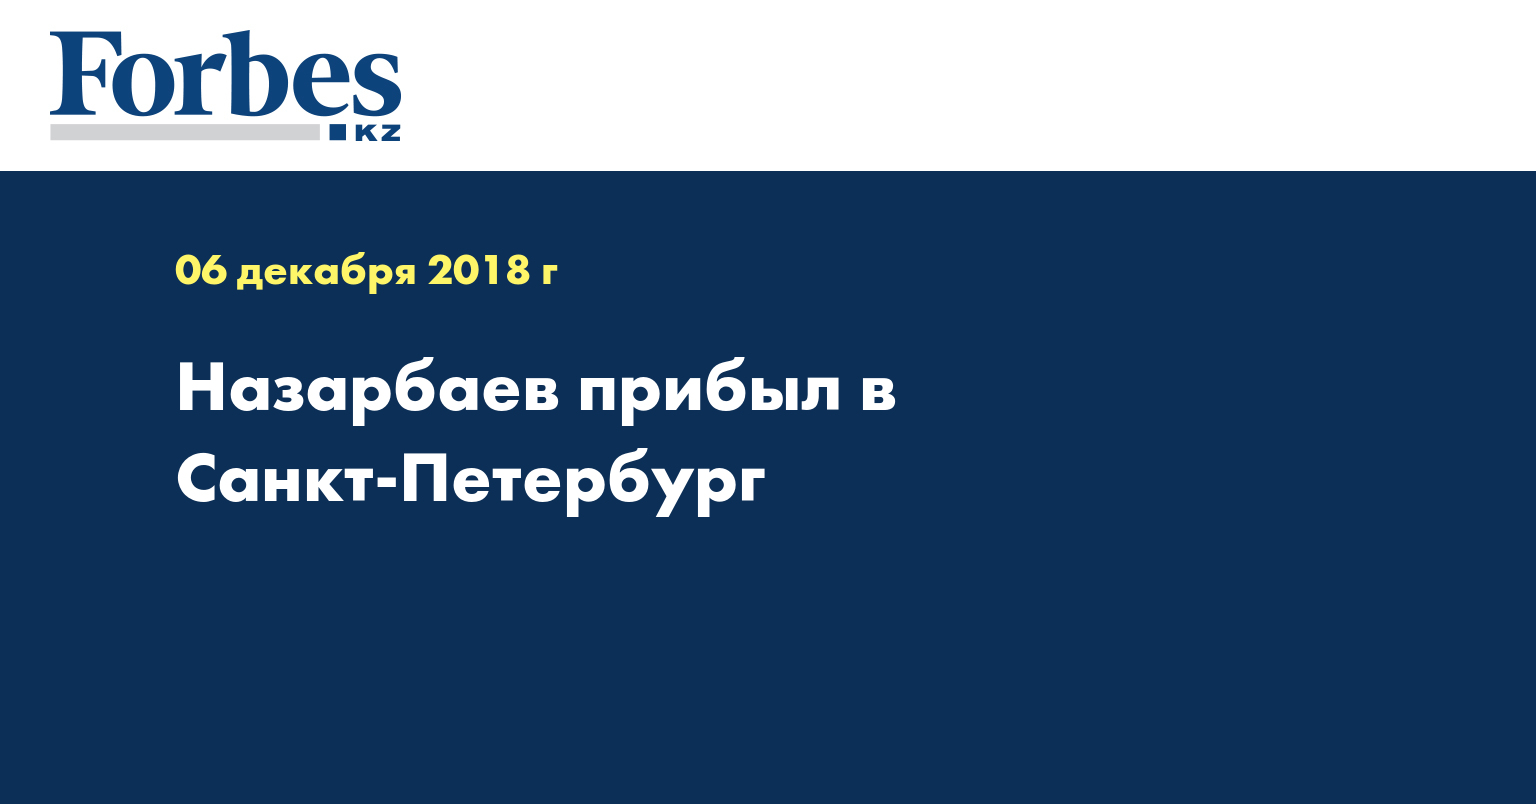 Назарбаев прибыл в Санкт-Петербург